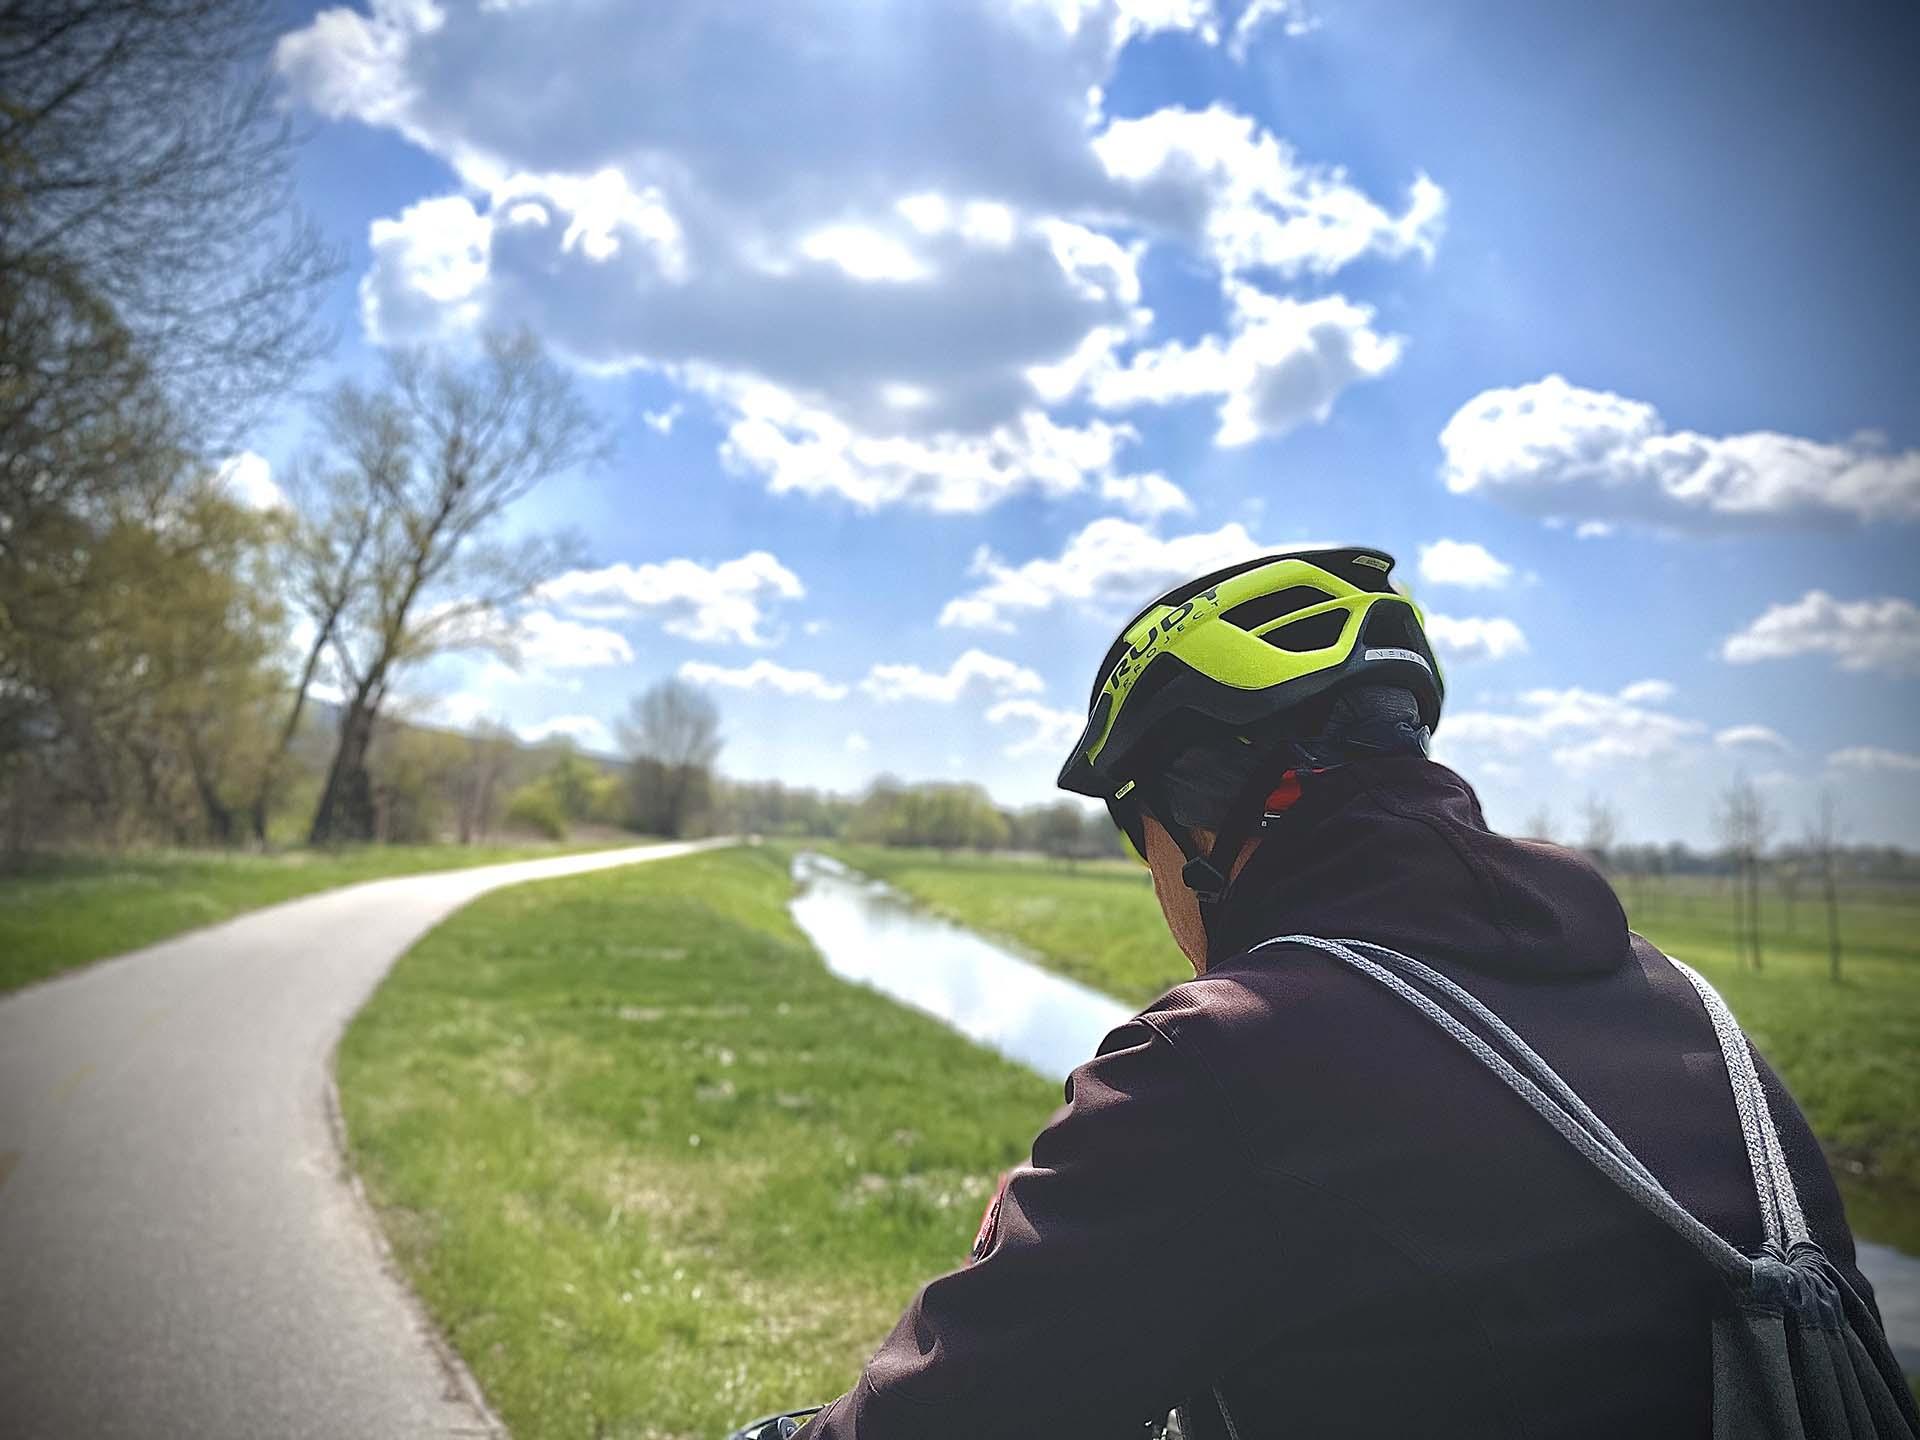 Tatabánya-Tata kerékpárral, az Által-ér menti kerékpárúton-3